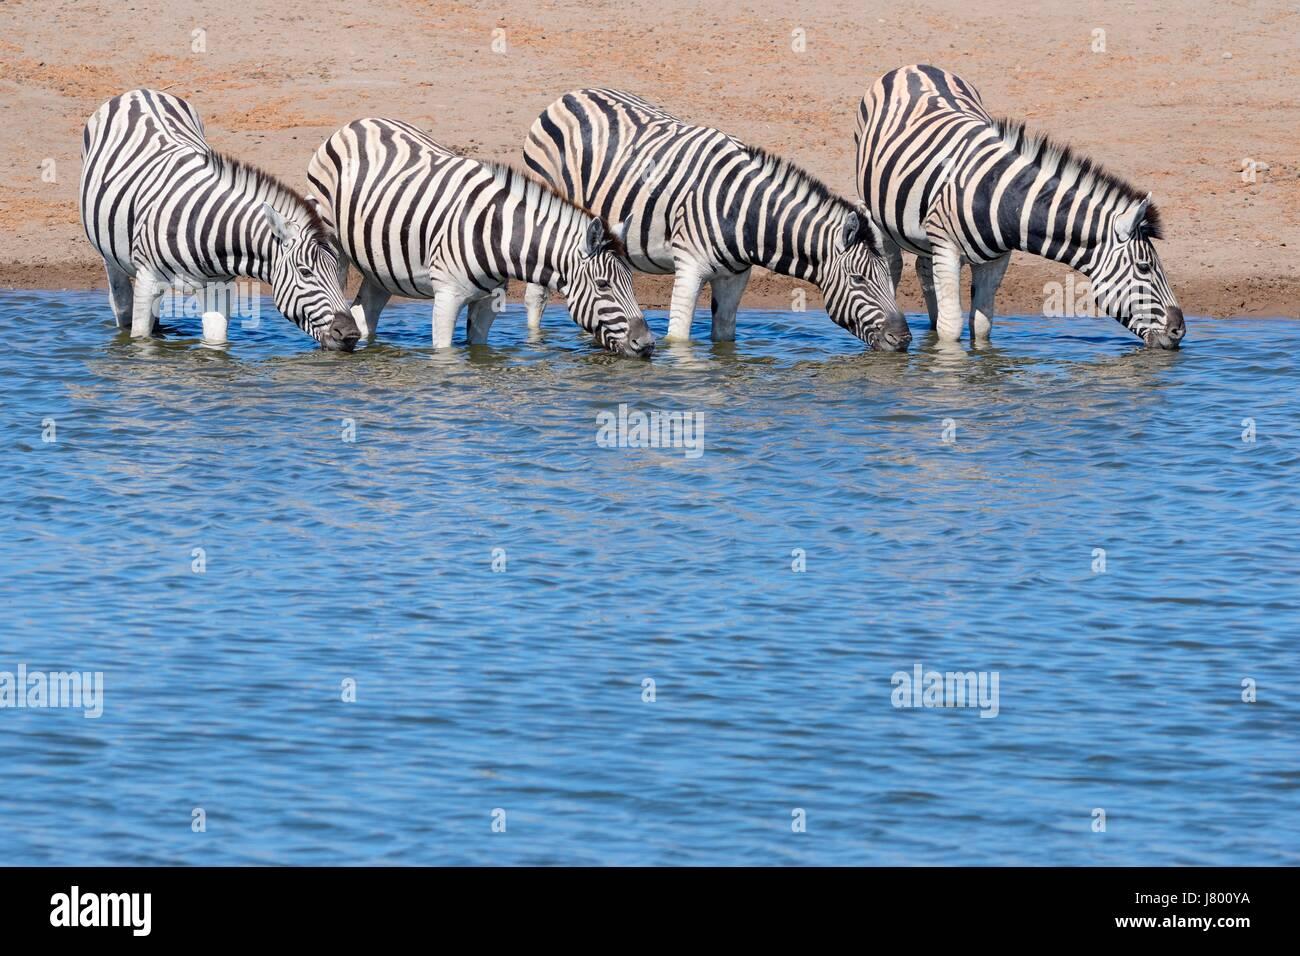 Burchell's zebras (Equus quagga burchellii) drinking at waterhole, Etosha National Park, Namibia, Africa - Stock Image